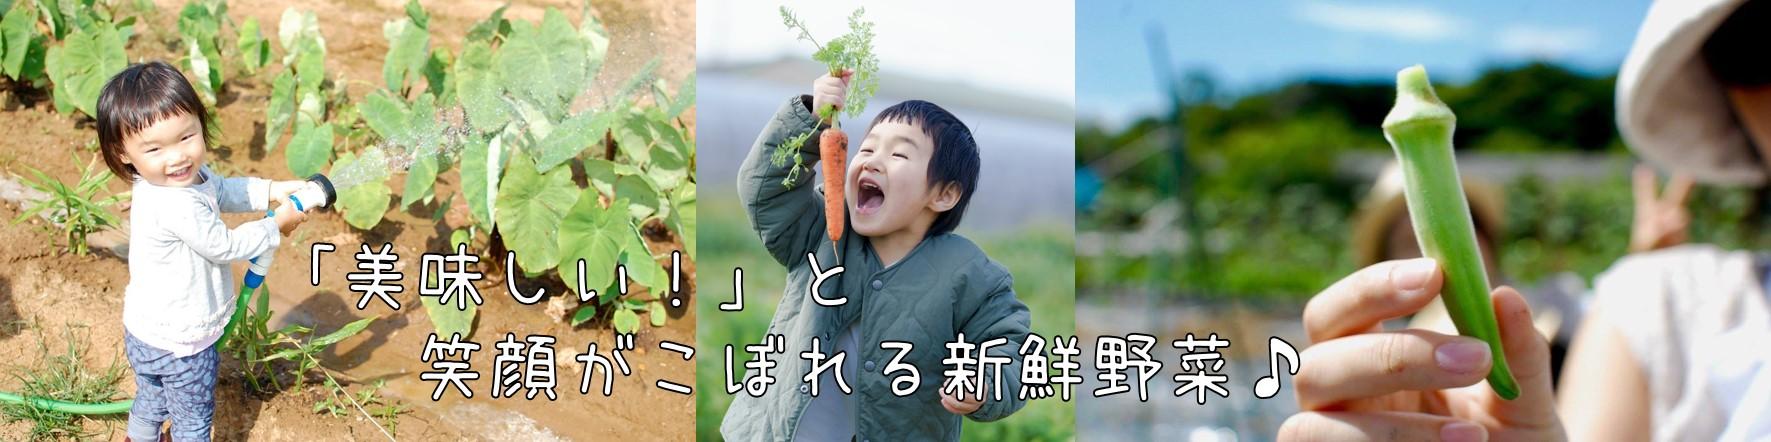 美味しい!楽しい!安心!なお野菜を